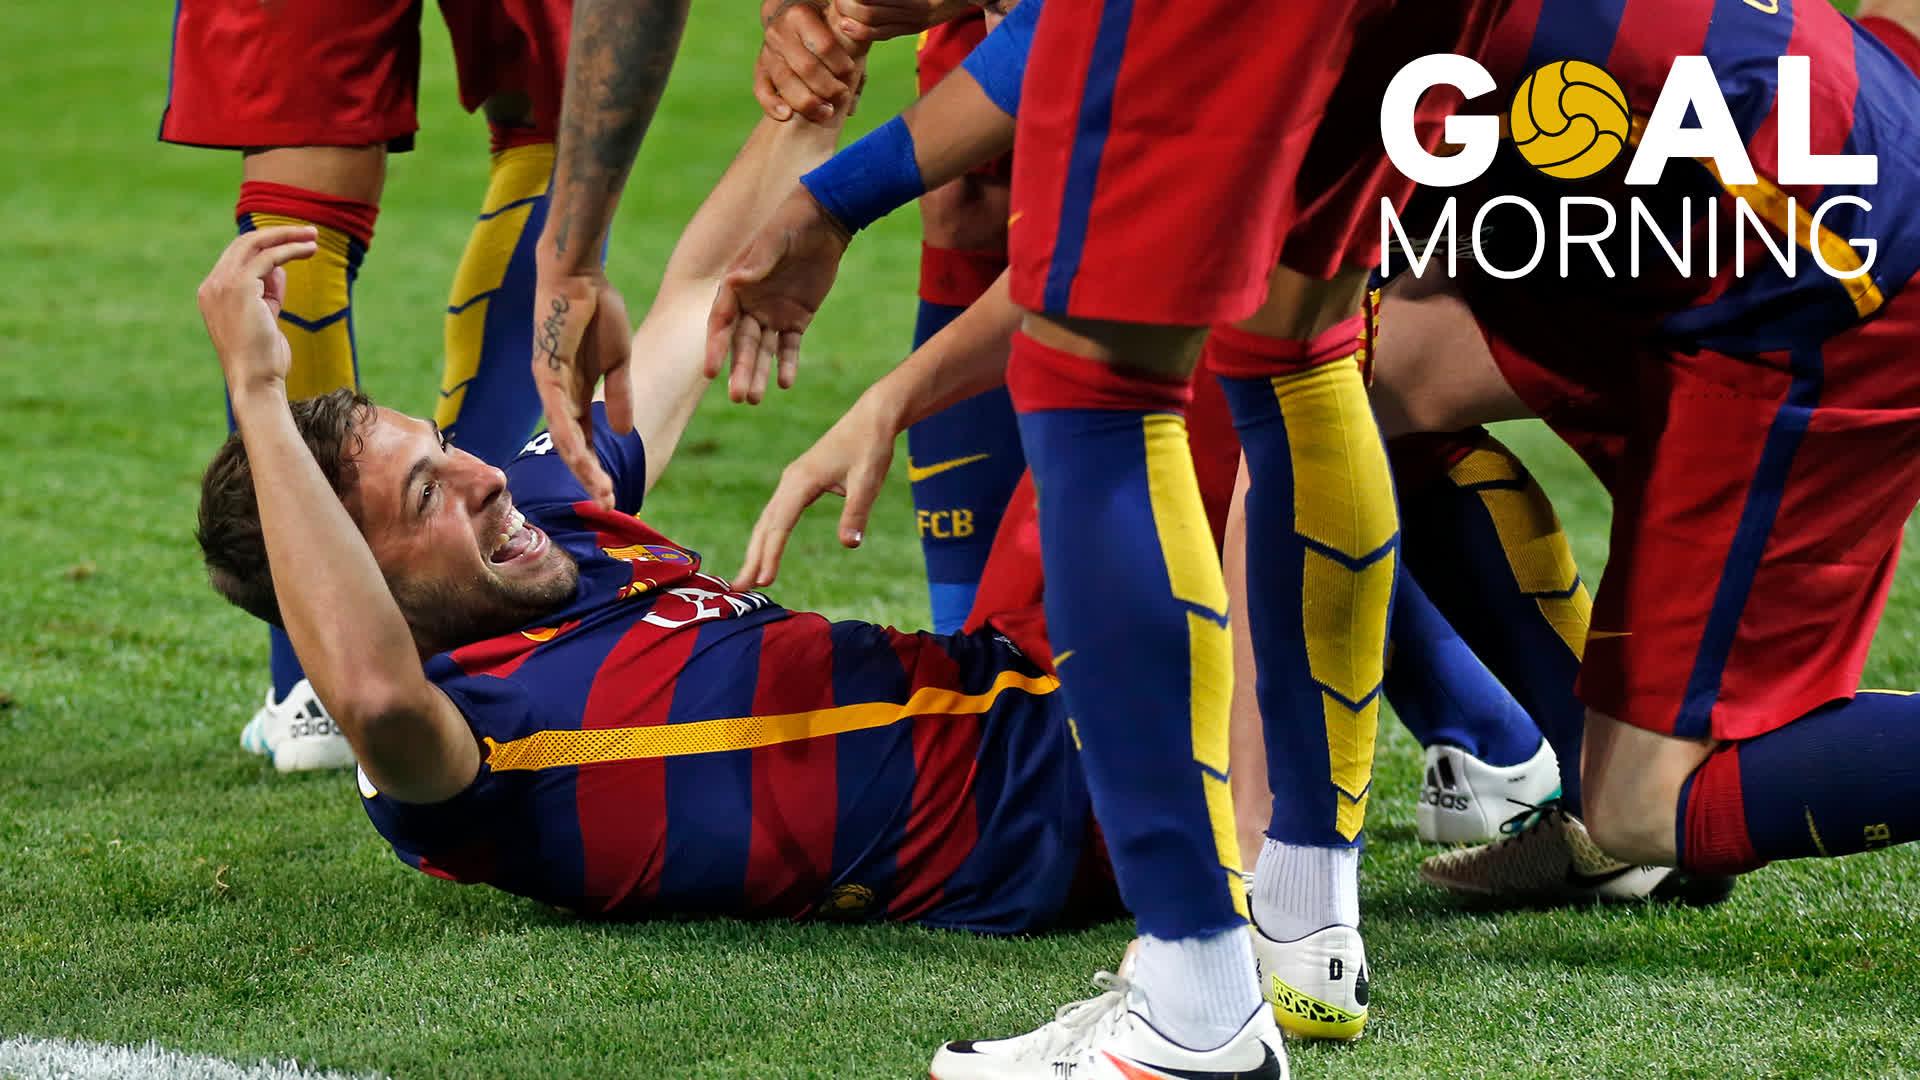 G⚽AL MORNING!!! One day left... #CopaBarça @JordiAlba �� Sevilla �� 2016 https://t.co/HiRzu6rLtZ